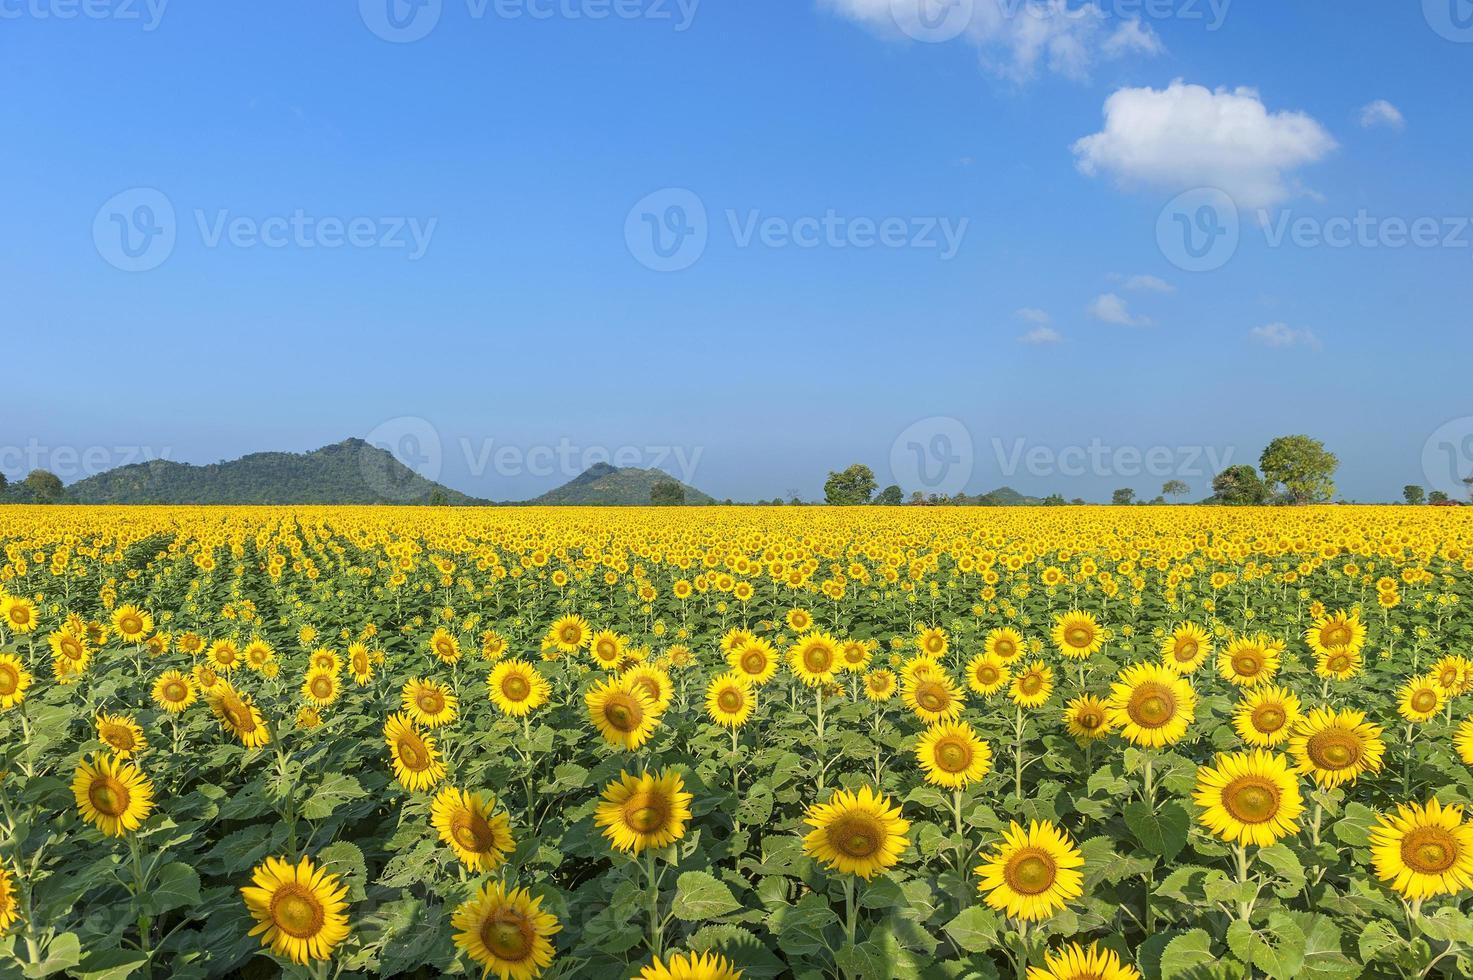 campo fiorito di girasoli sul cielo blu foto